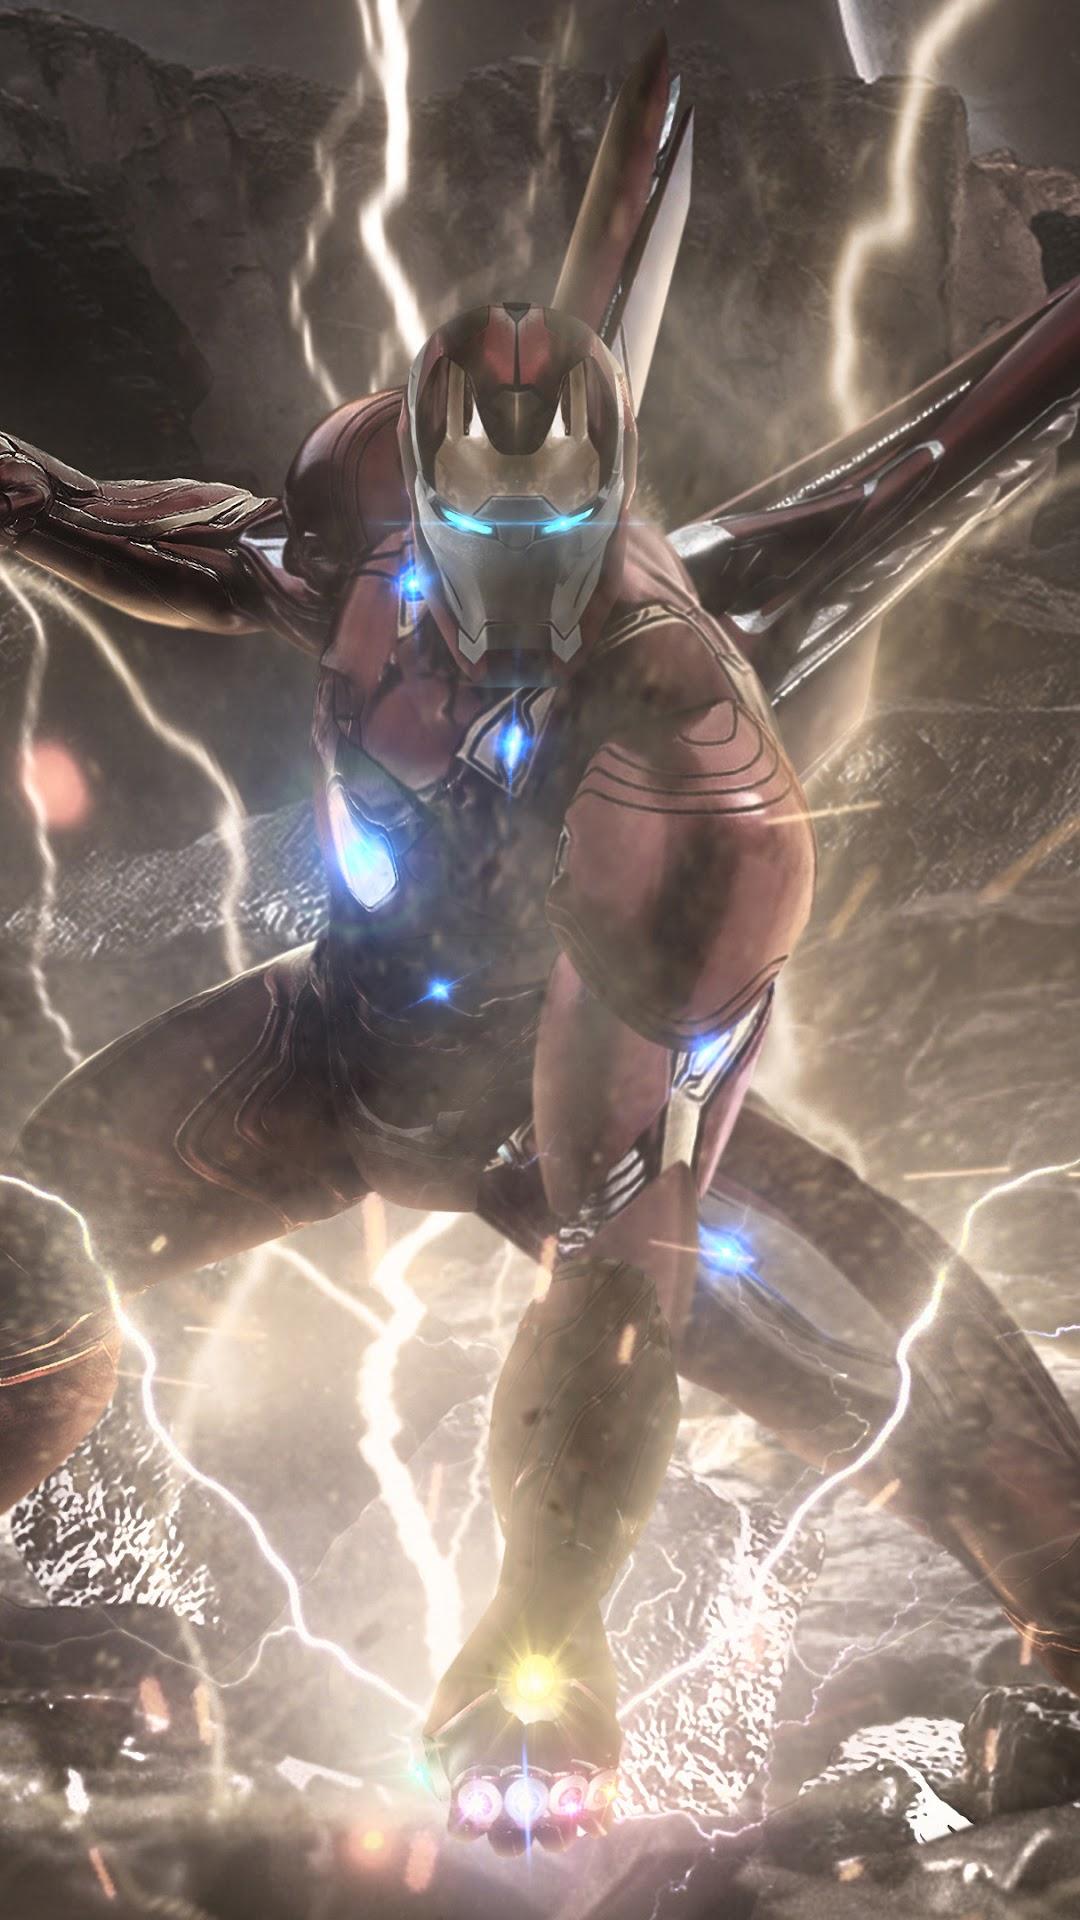 Iron Man Infinity Stones Avengers: Endgame 4K Wallpaper #23